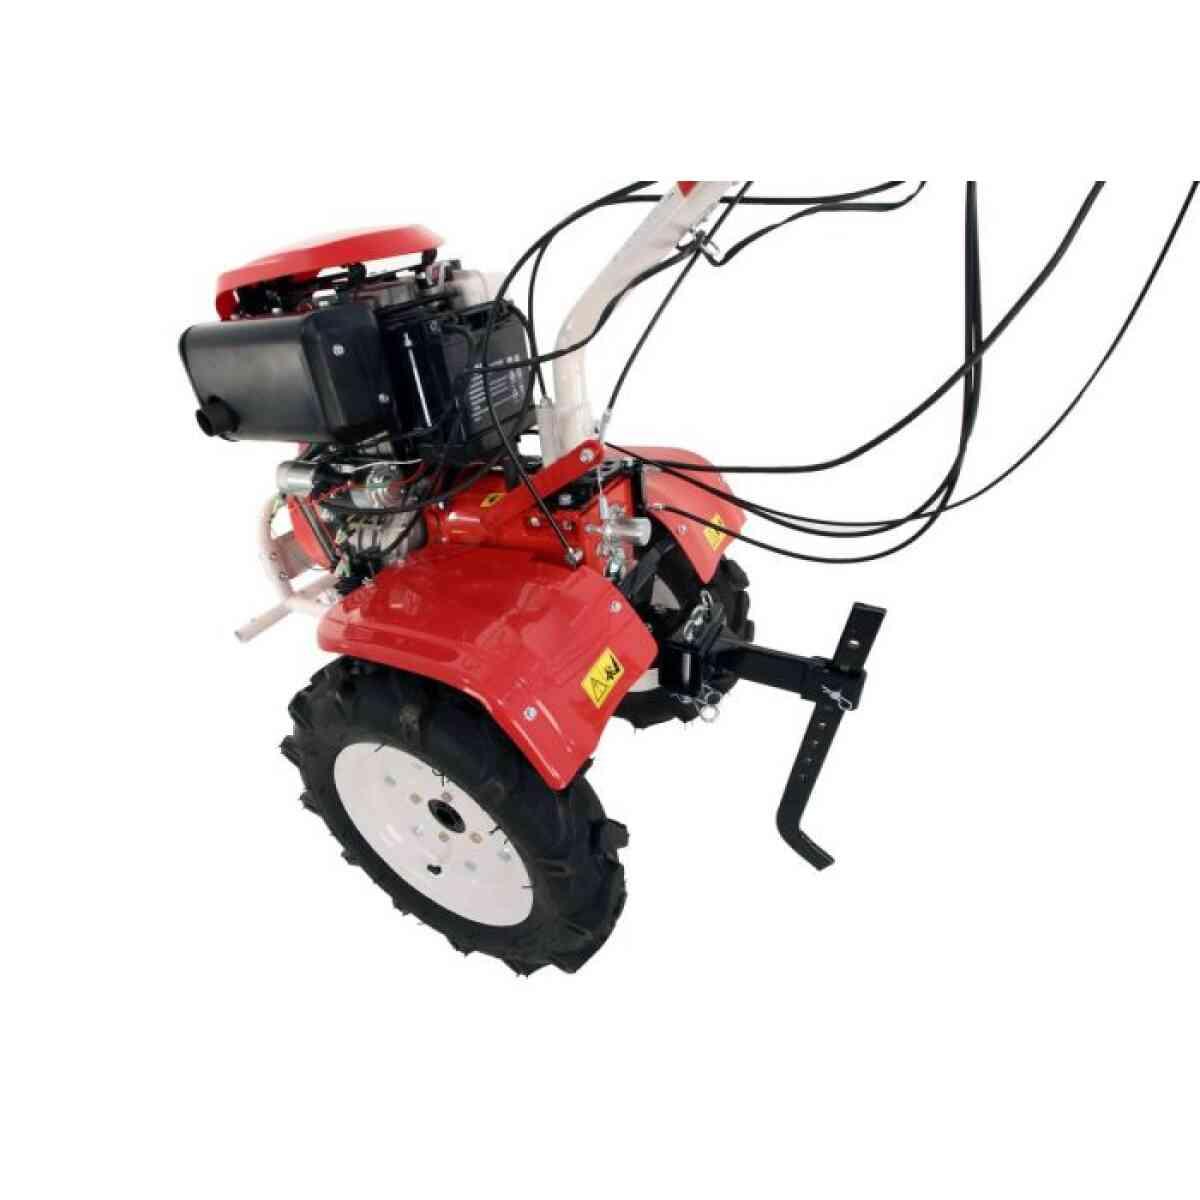 motocultor loncin lc1440 o mac.ro 7 1 1 2